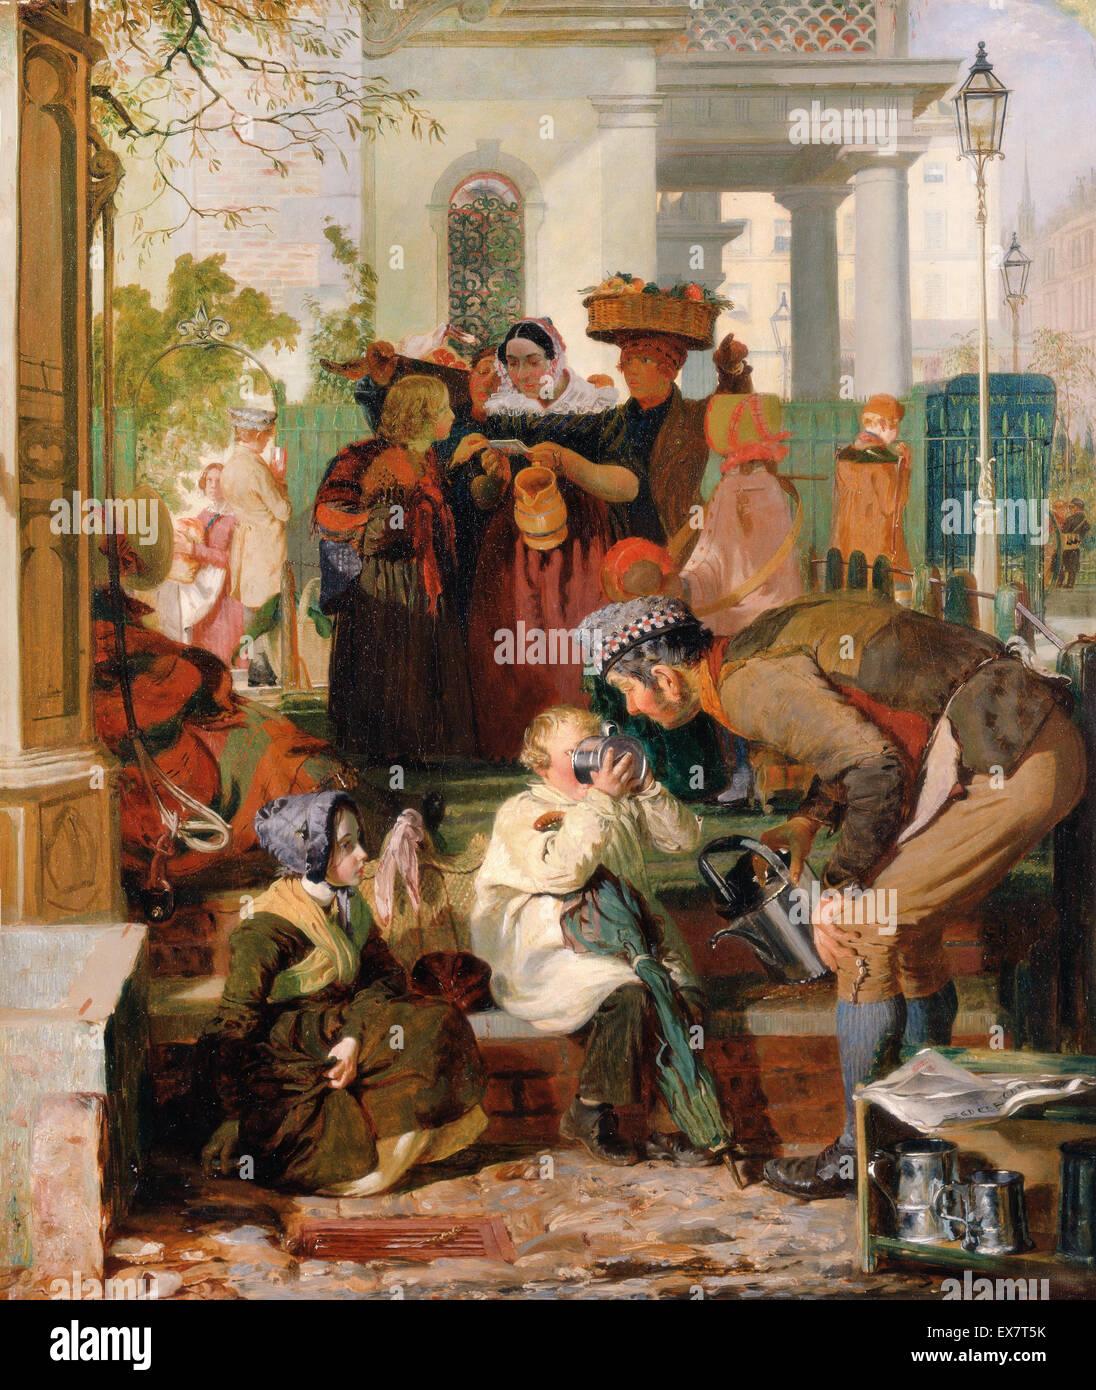 Robert Hannah, l'actualisation de la LAS. Circa 1847. Huile sur toile. Yale Center for British Art, New Haven, Photo Stock